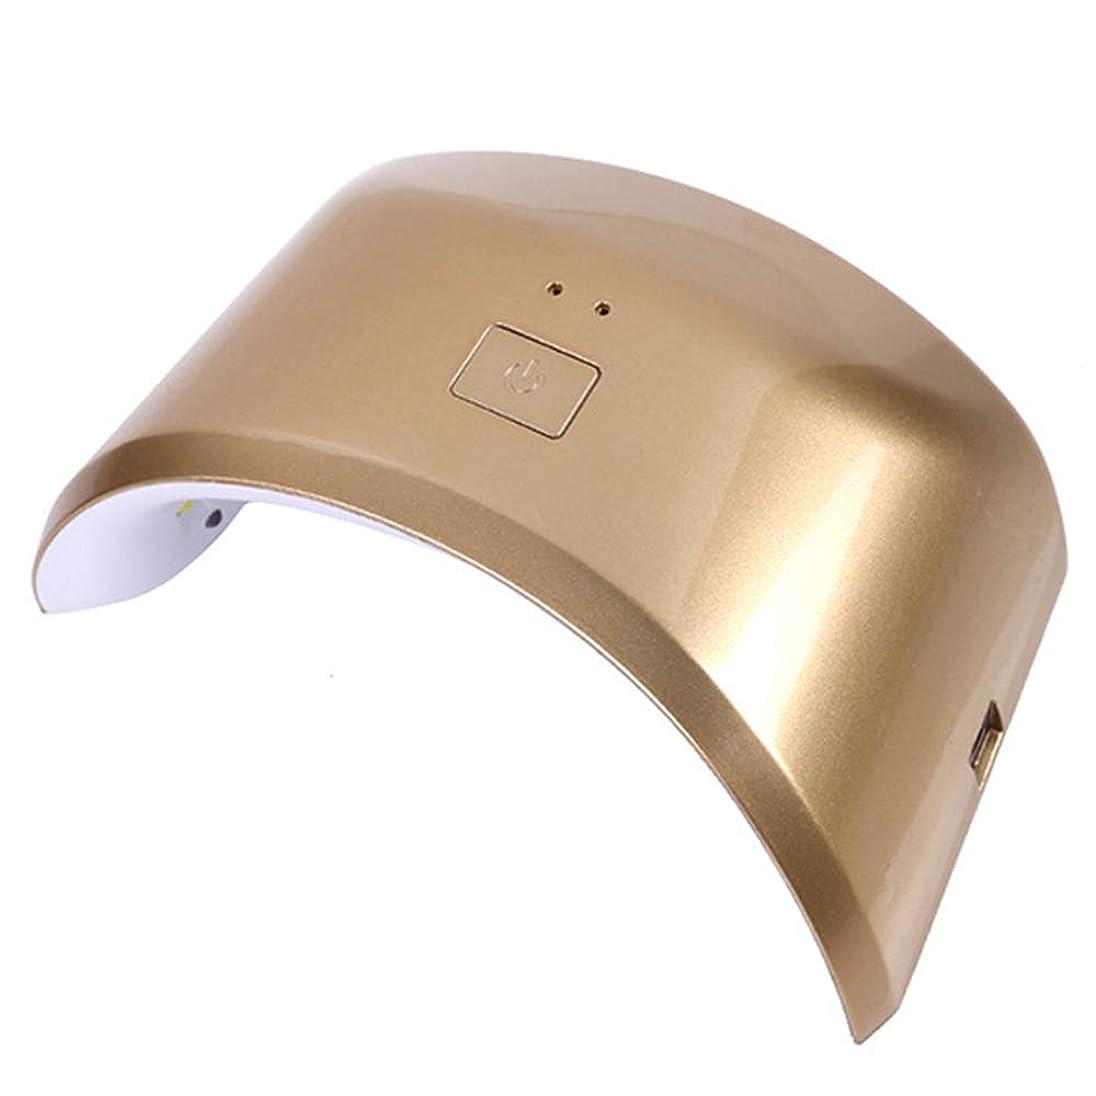 節約雑多な肥沃なネイル光線療法機 ネイルドライヤー - ネイルライトネイルドライヤーLCDディスプレイ30/60秒タイマーと自動センサープロフェッショナル硬化ライト